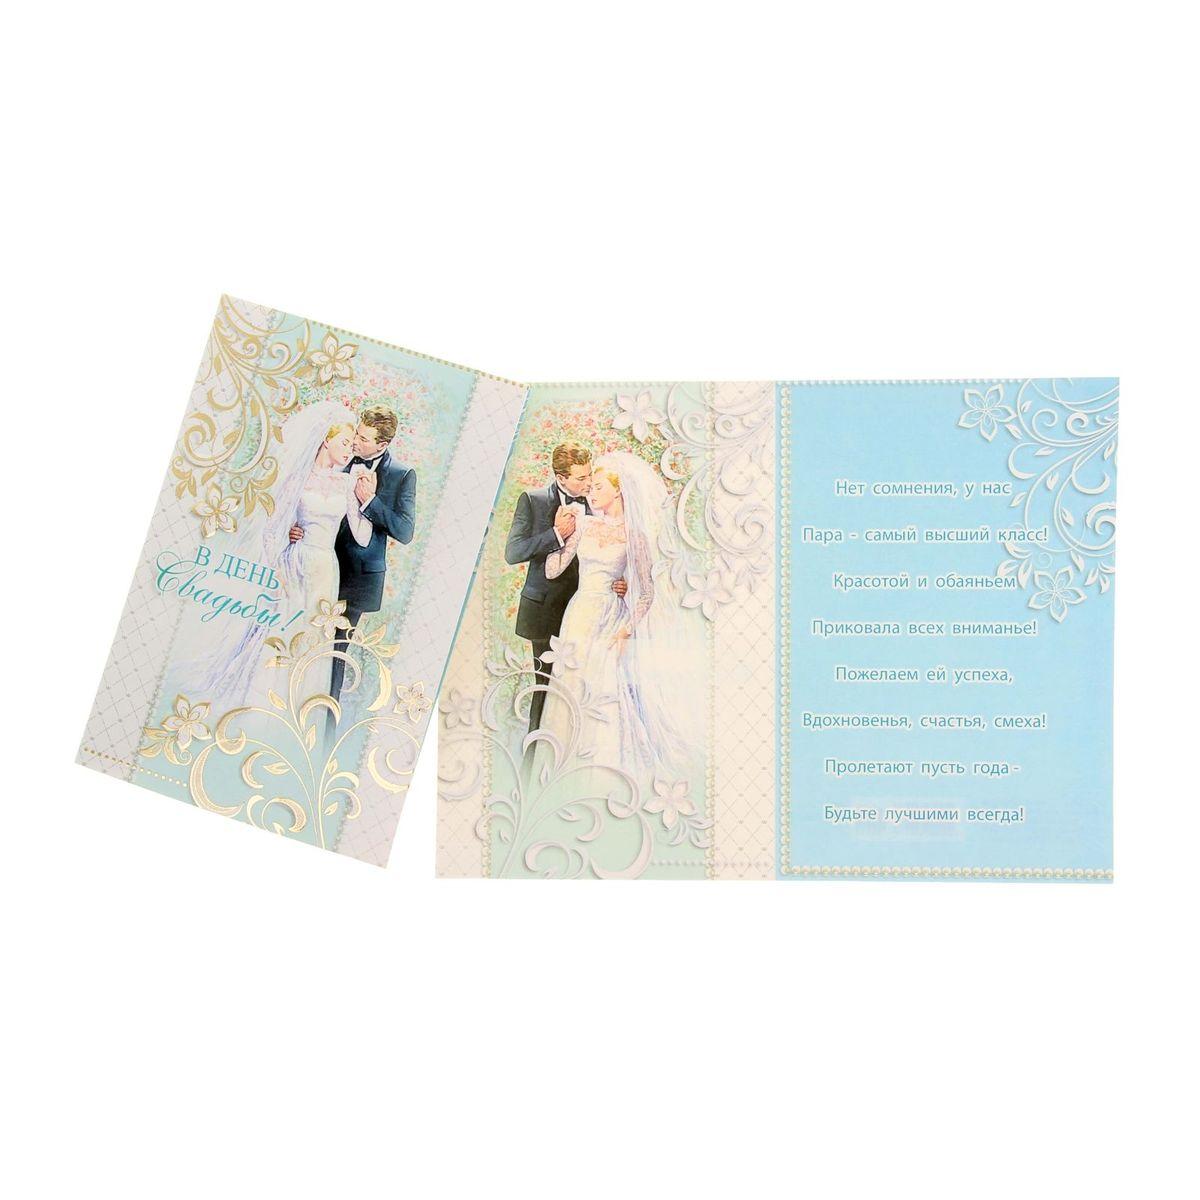 Открытка Sima-land В день свадьбы! Влюбленные1110944Если вы хотите порадовать себя или близких, создать праздничное настроение и с улыбкой провести памятный день, то вы, несомненно, сделали правильный выбор! Открытка Sima-land В день свадьбы! Влюбленные, выполненная из плотной бумаги, отличается не только оригинальным дизайном, но и высоким качеством.Лицевая сторона изделия оформлена ярким изображением. Внутри открытка содержит текст с поздравлением.Такая открытка непременно порадует получателя и станет отличным напоминанием о проведенном вместе времени.